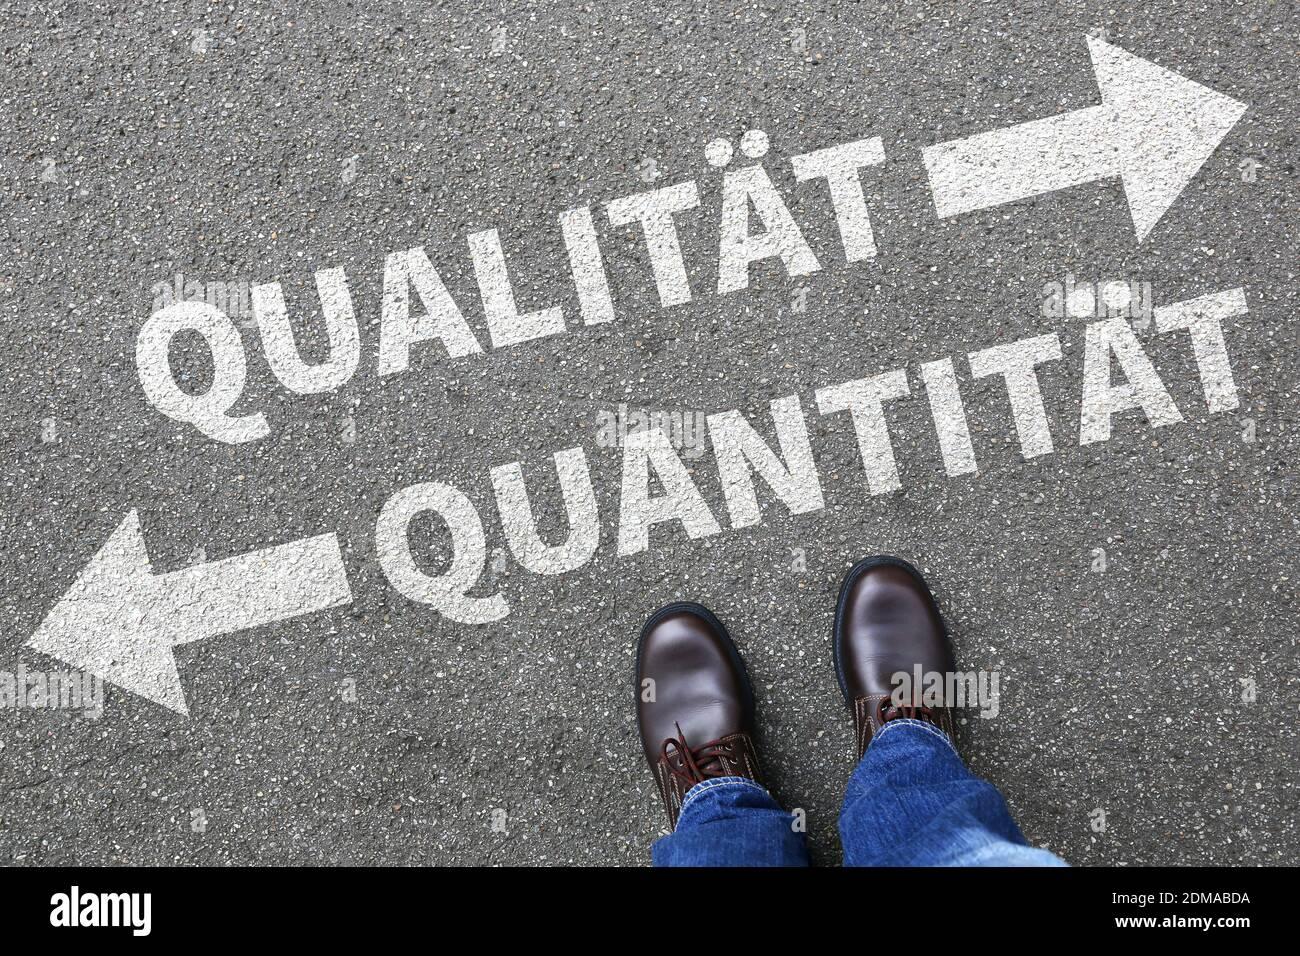 Qualität Quantität Erfolg erfolgreich Business Konzept Entscheidung entscheiden Wahl Stock Photo